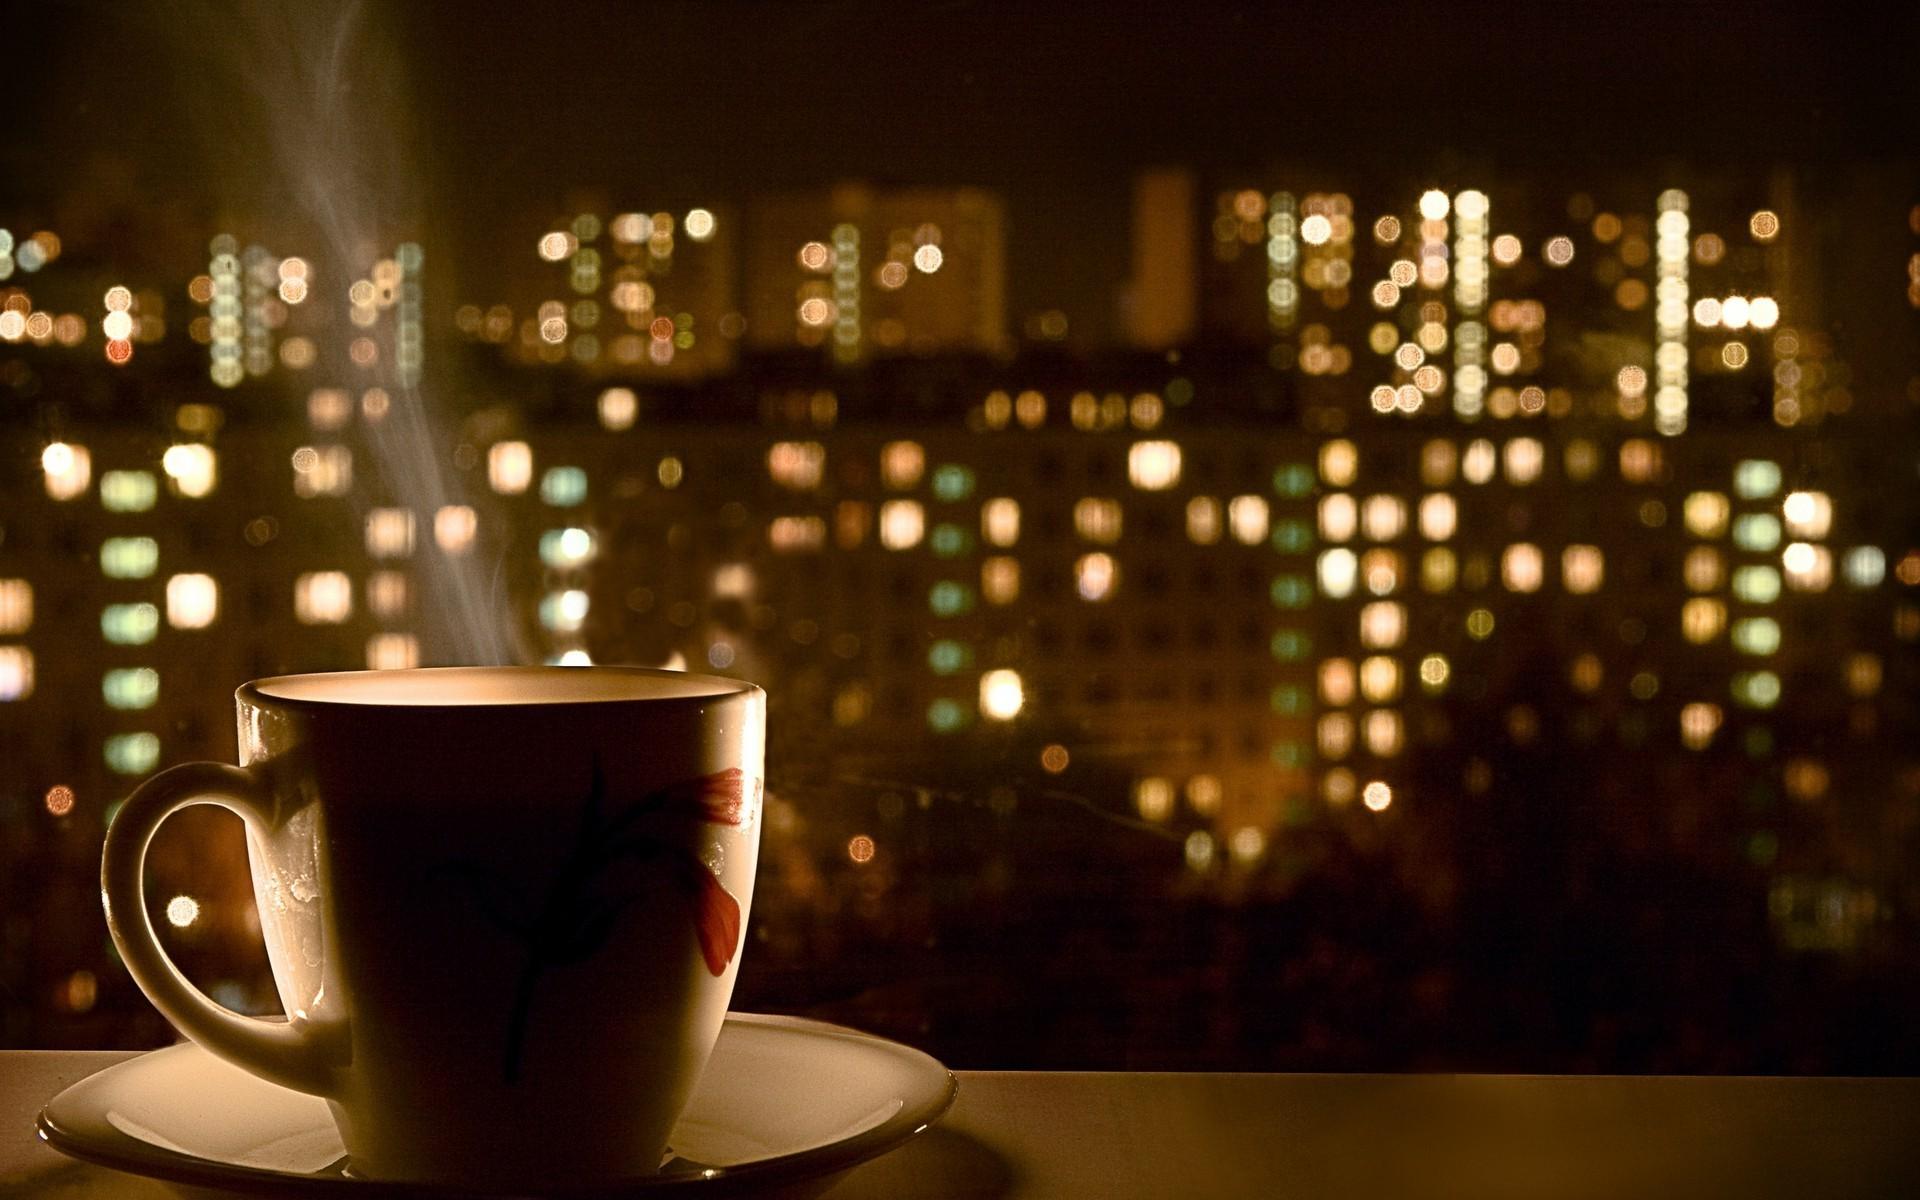 Night time coffee wallpaper 15619 1920x1200